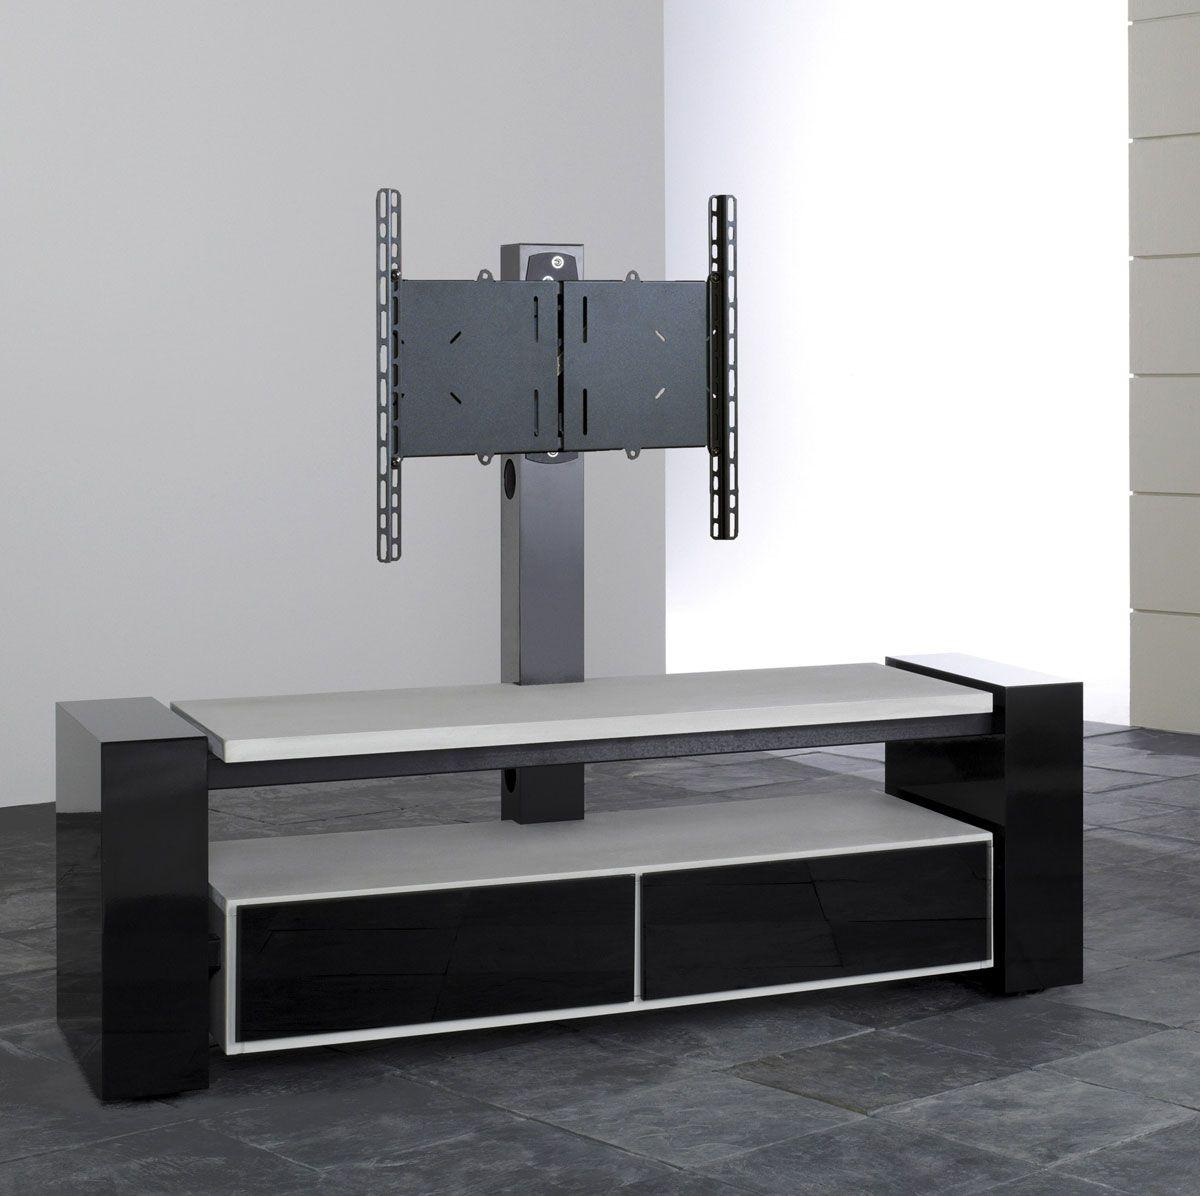 Esszimmer setzt 4 stühle genial tv möbel  cm breit  deutsche deko  pinterest  tvs